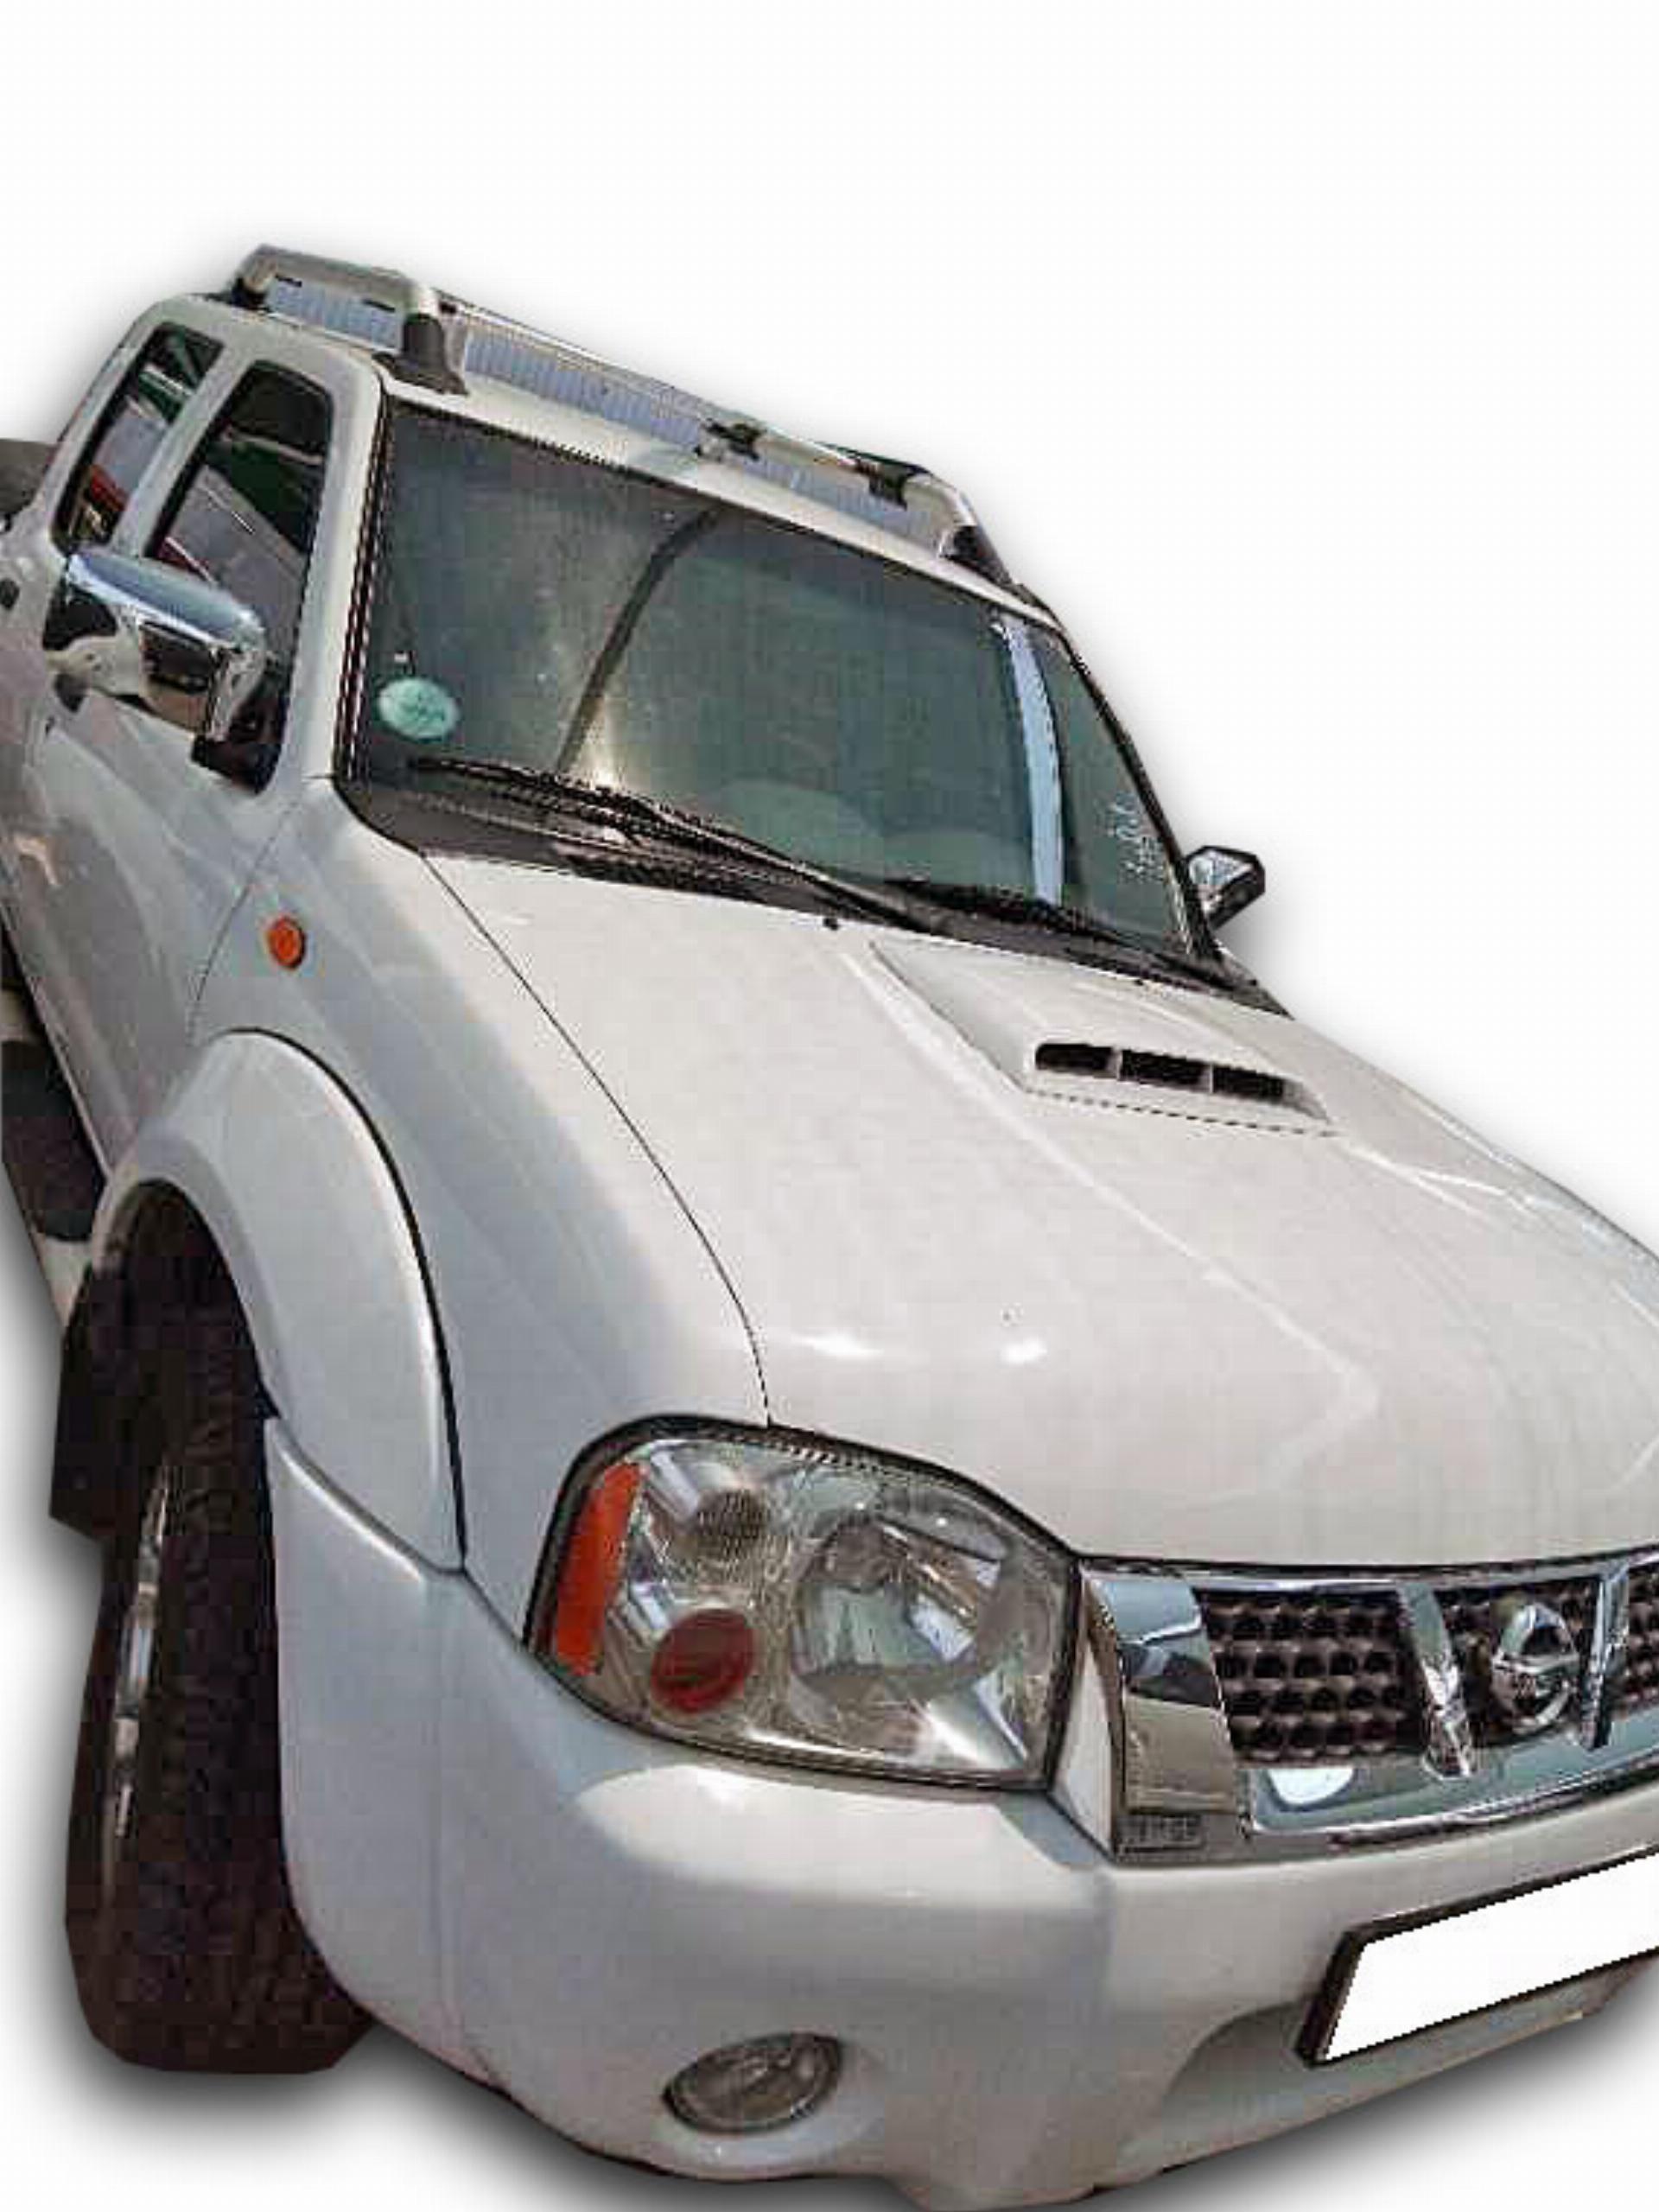 Nissan Hardbody 2.5